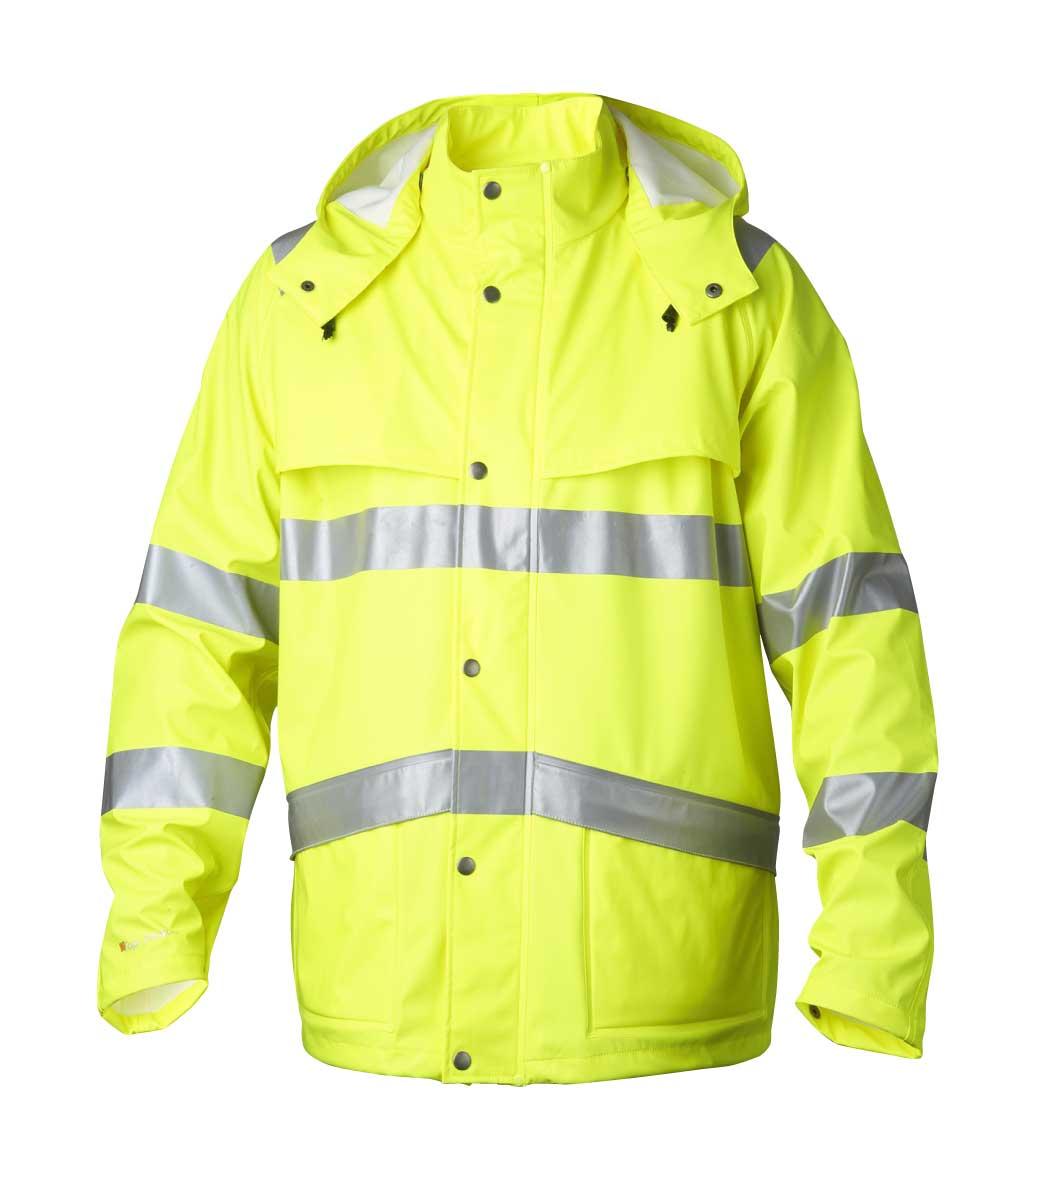 d757af2c Lang gul regnjakke med hette ~ Ezzenza.no Arbeidsklær